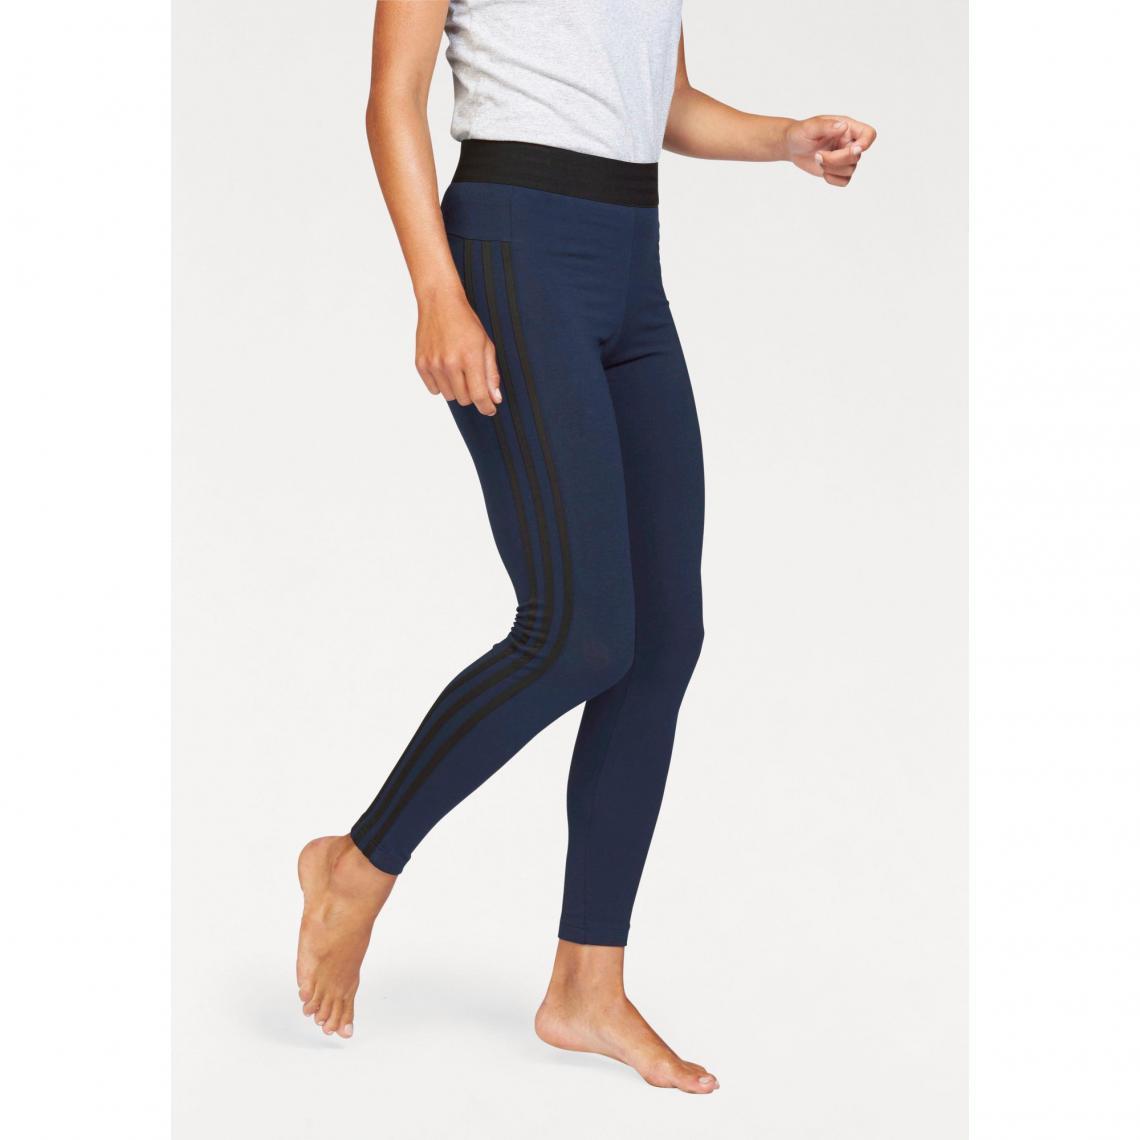 a6541926ac9f0 Legging adidas Performance Essential 3S tight femme - Marine - Noir Adidas  Performance Femme